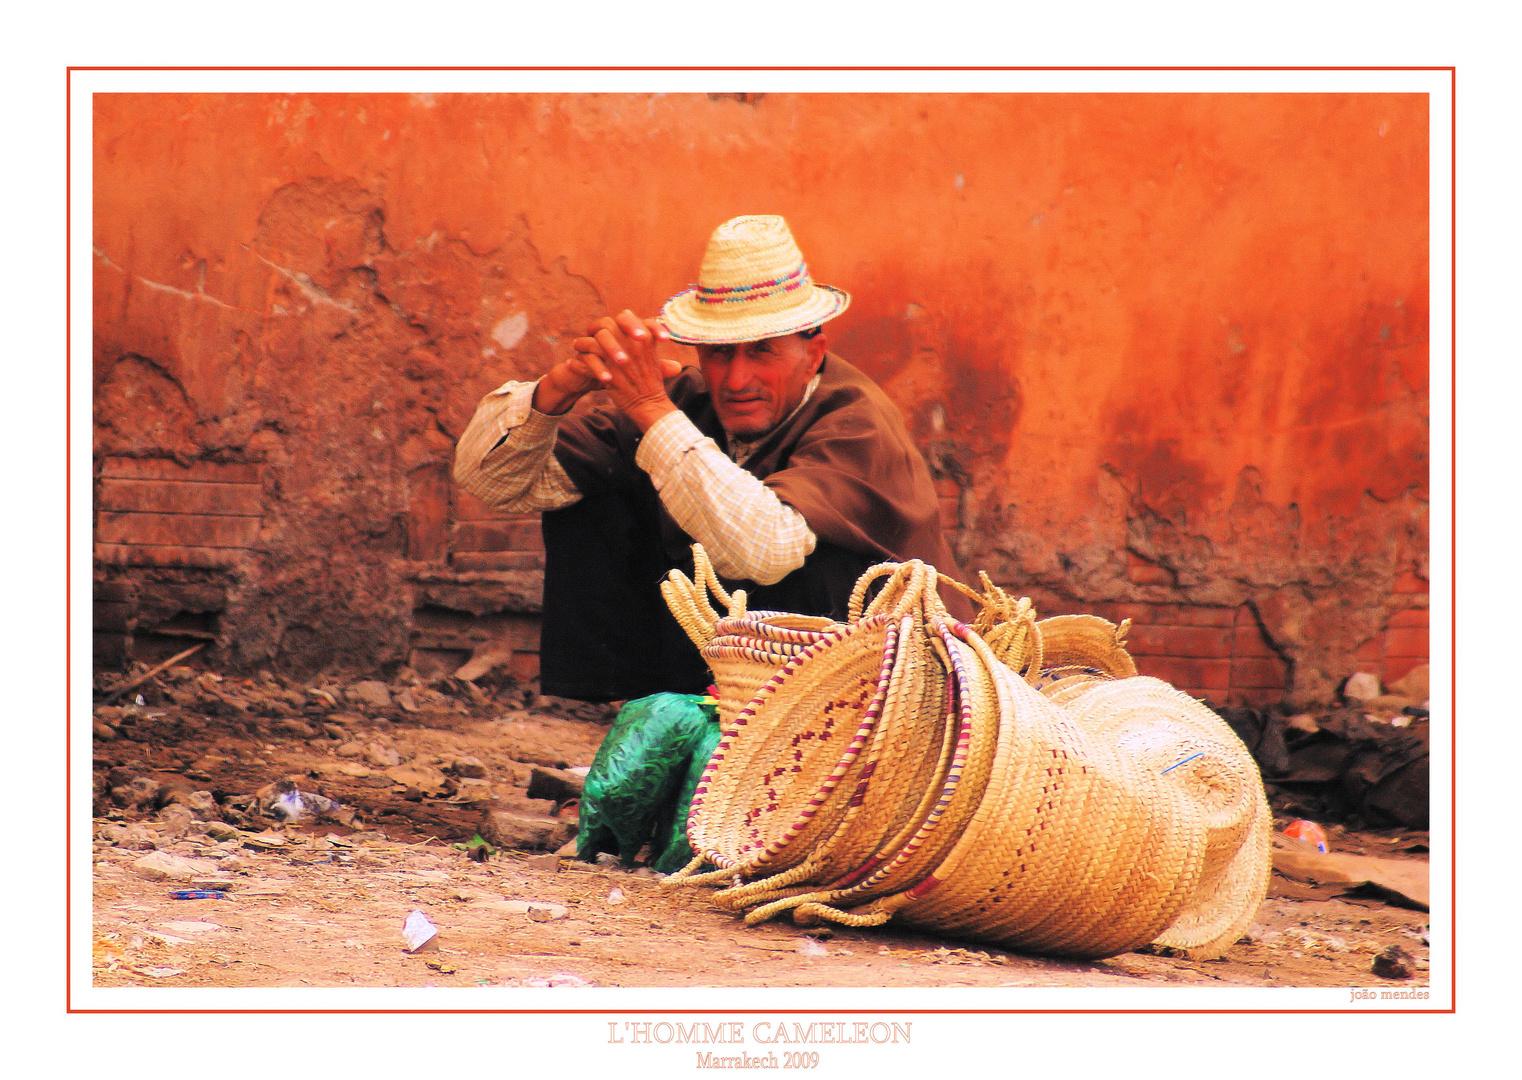 l'Homme Cameleon de marrakech!